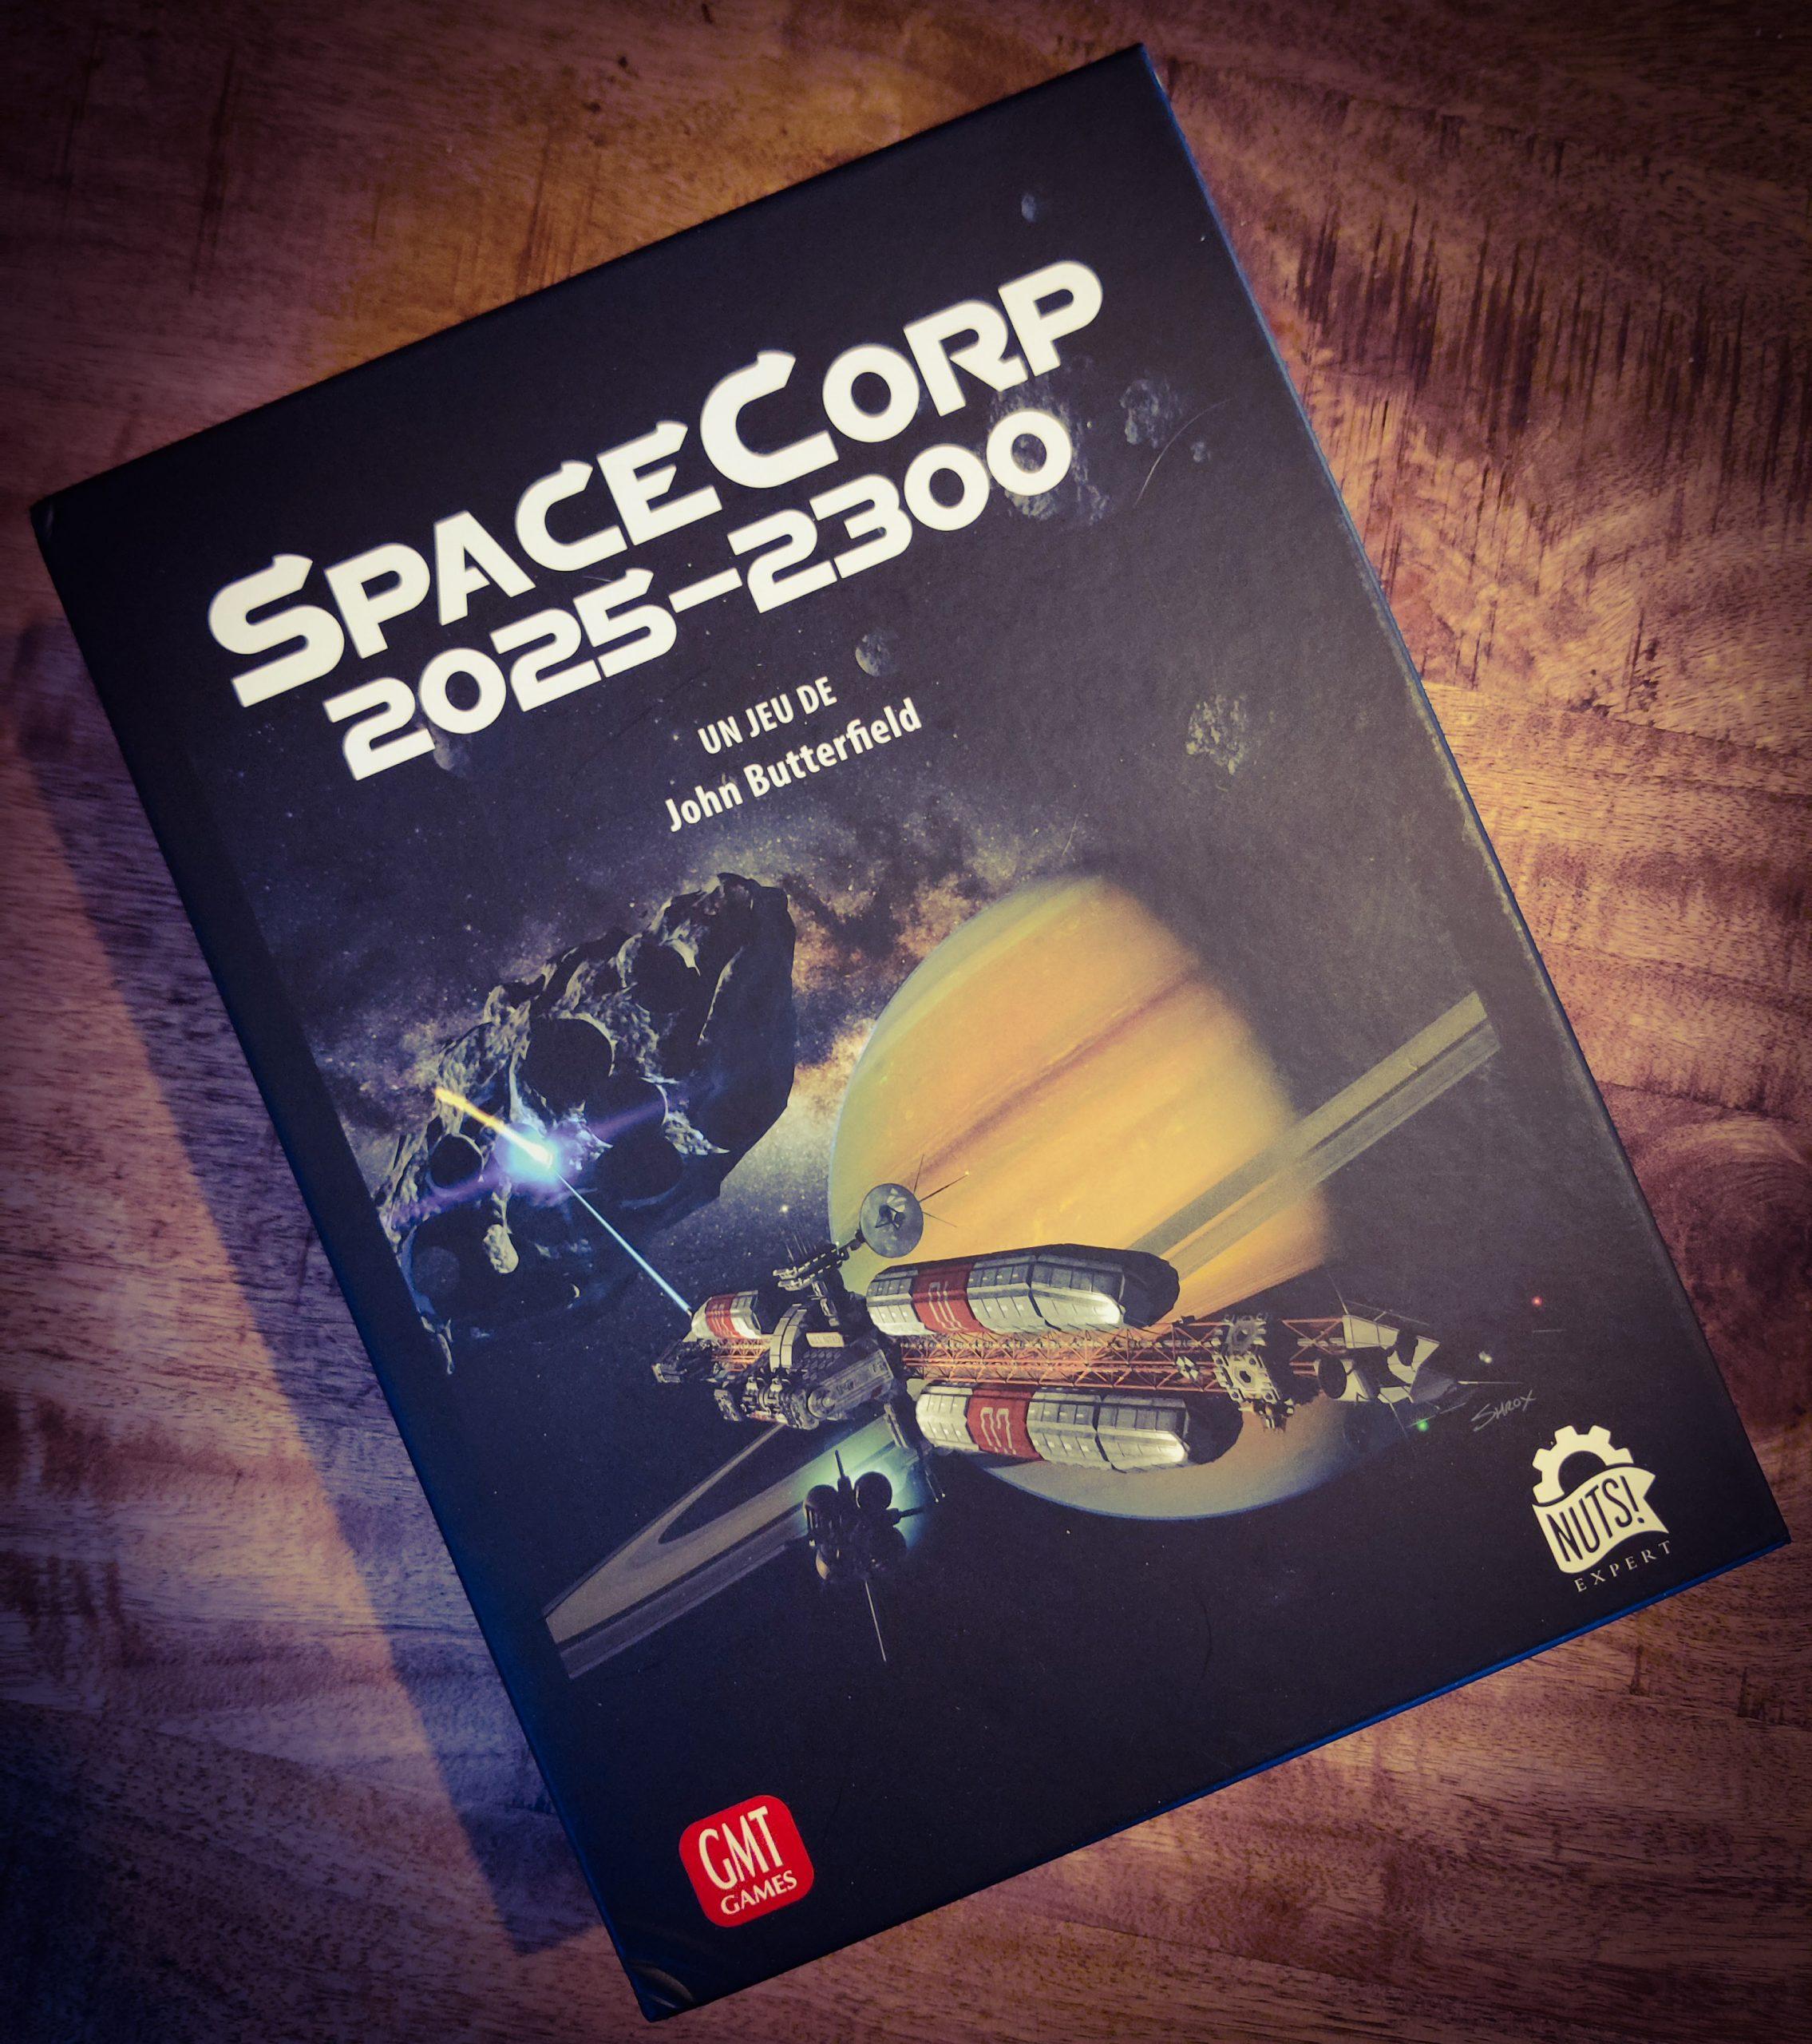 [Test] SpaceCorp 2025-2300, vers l'infini et au-delà!